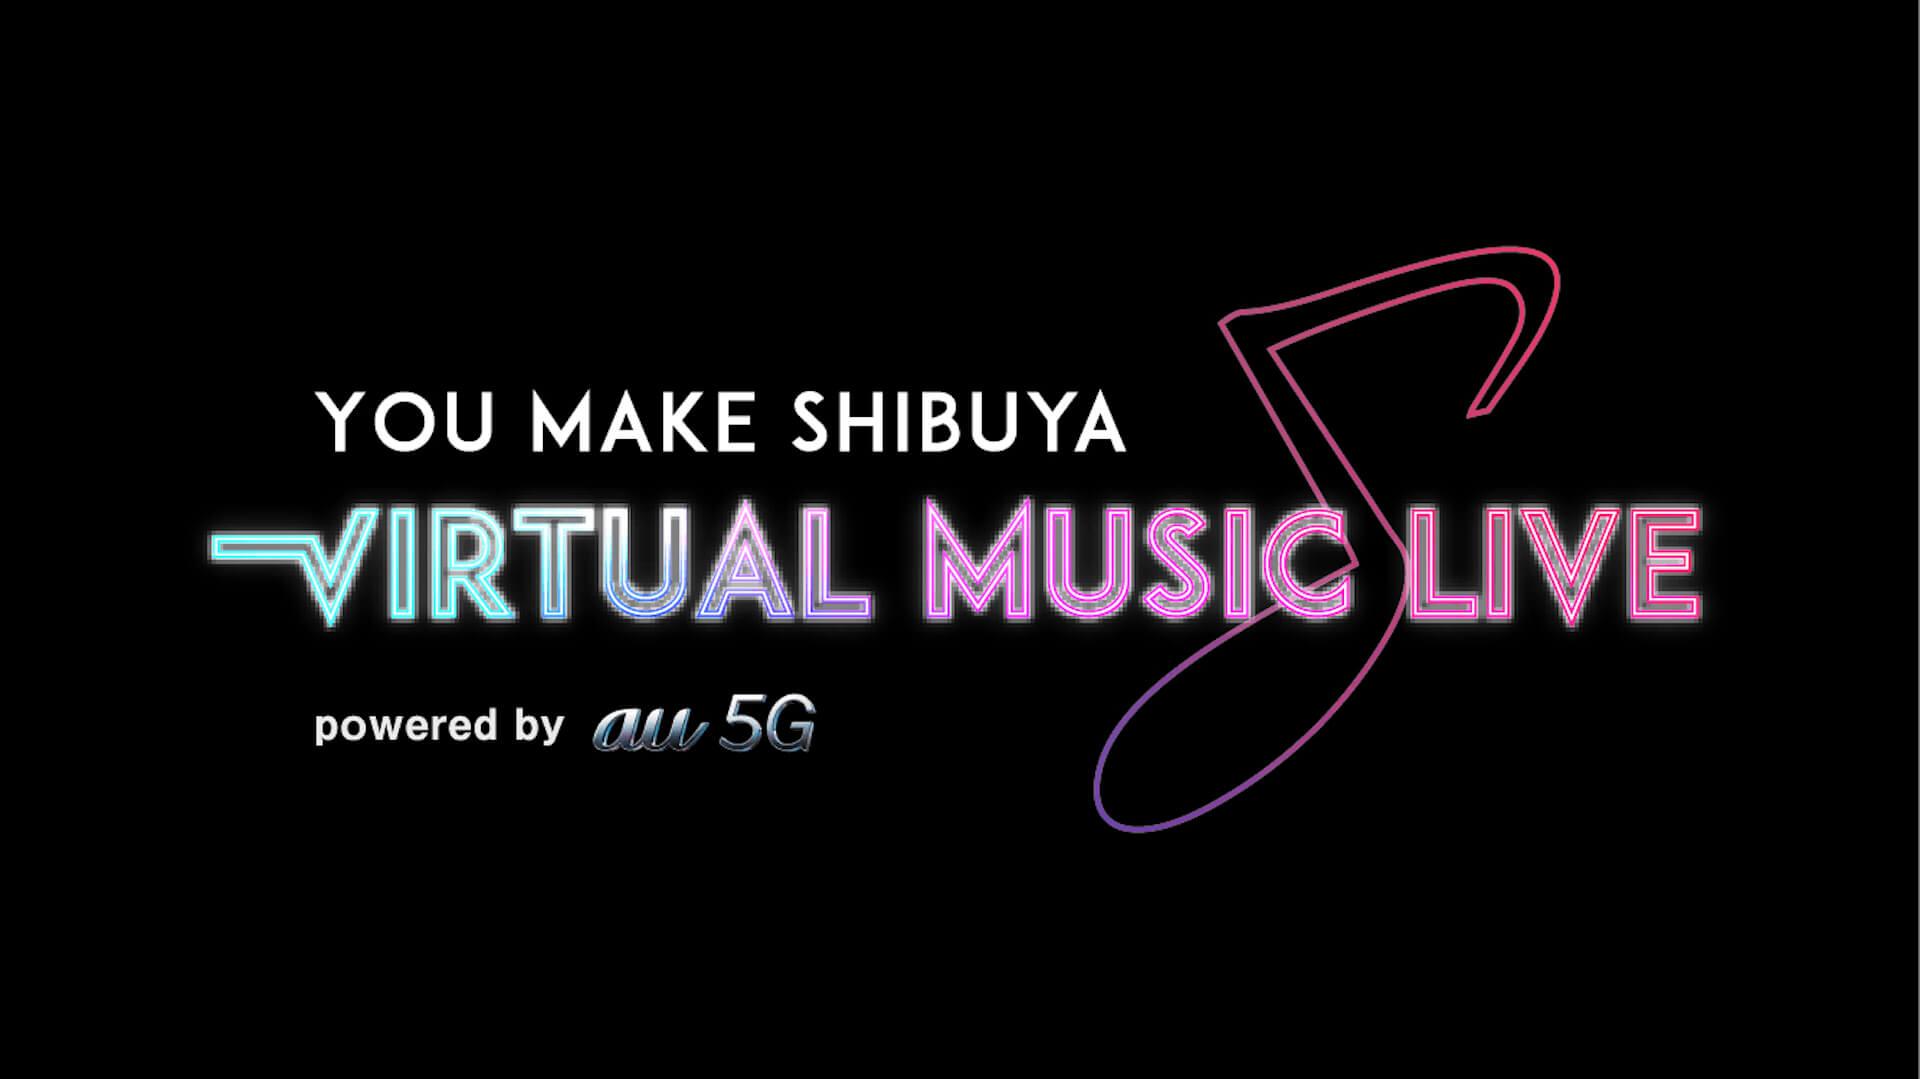 バーチャル渋谷にライブハウスがオープン!音楽ライブ<YOU MAKE SHIBUYA VIRTUAL MUSIC LIVE>総勢100組のラインナップが発表 music210414_virtualshibuya-210414_6